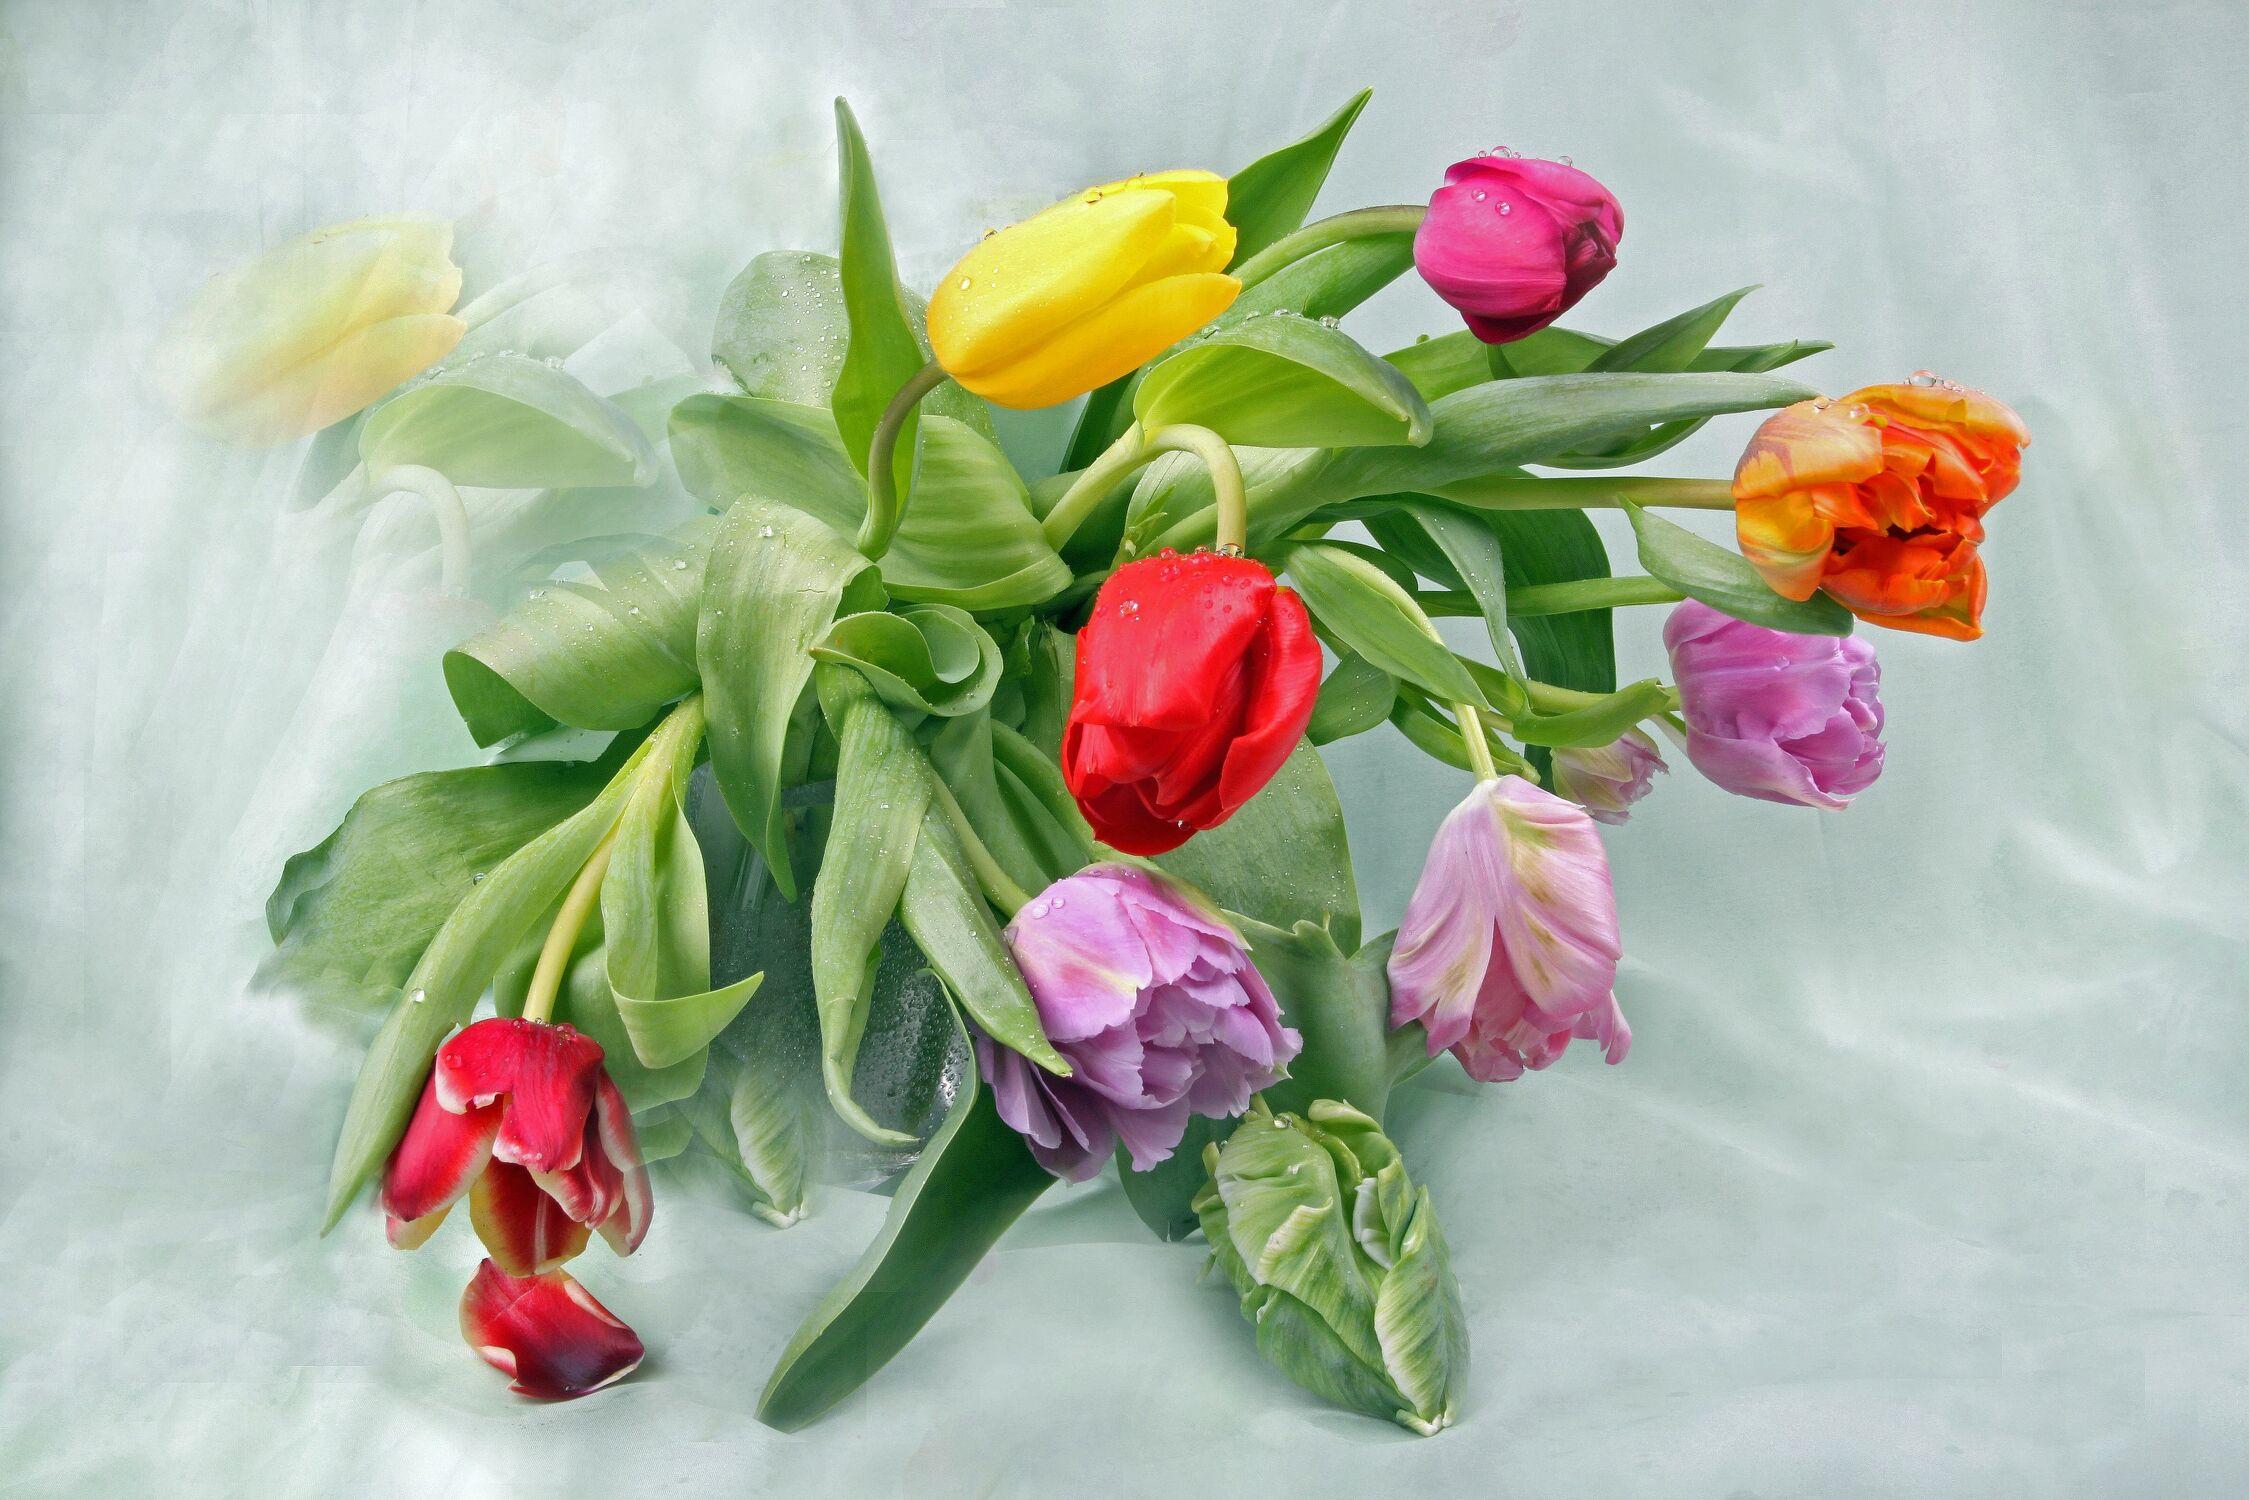 Bild mit Natur, Pflanzen, Blumen, Blume, Pflanze, Tulpe, Tulpen, Wassertropfen, Floral, Blüten, Florales, Wellness, blüte